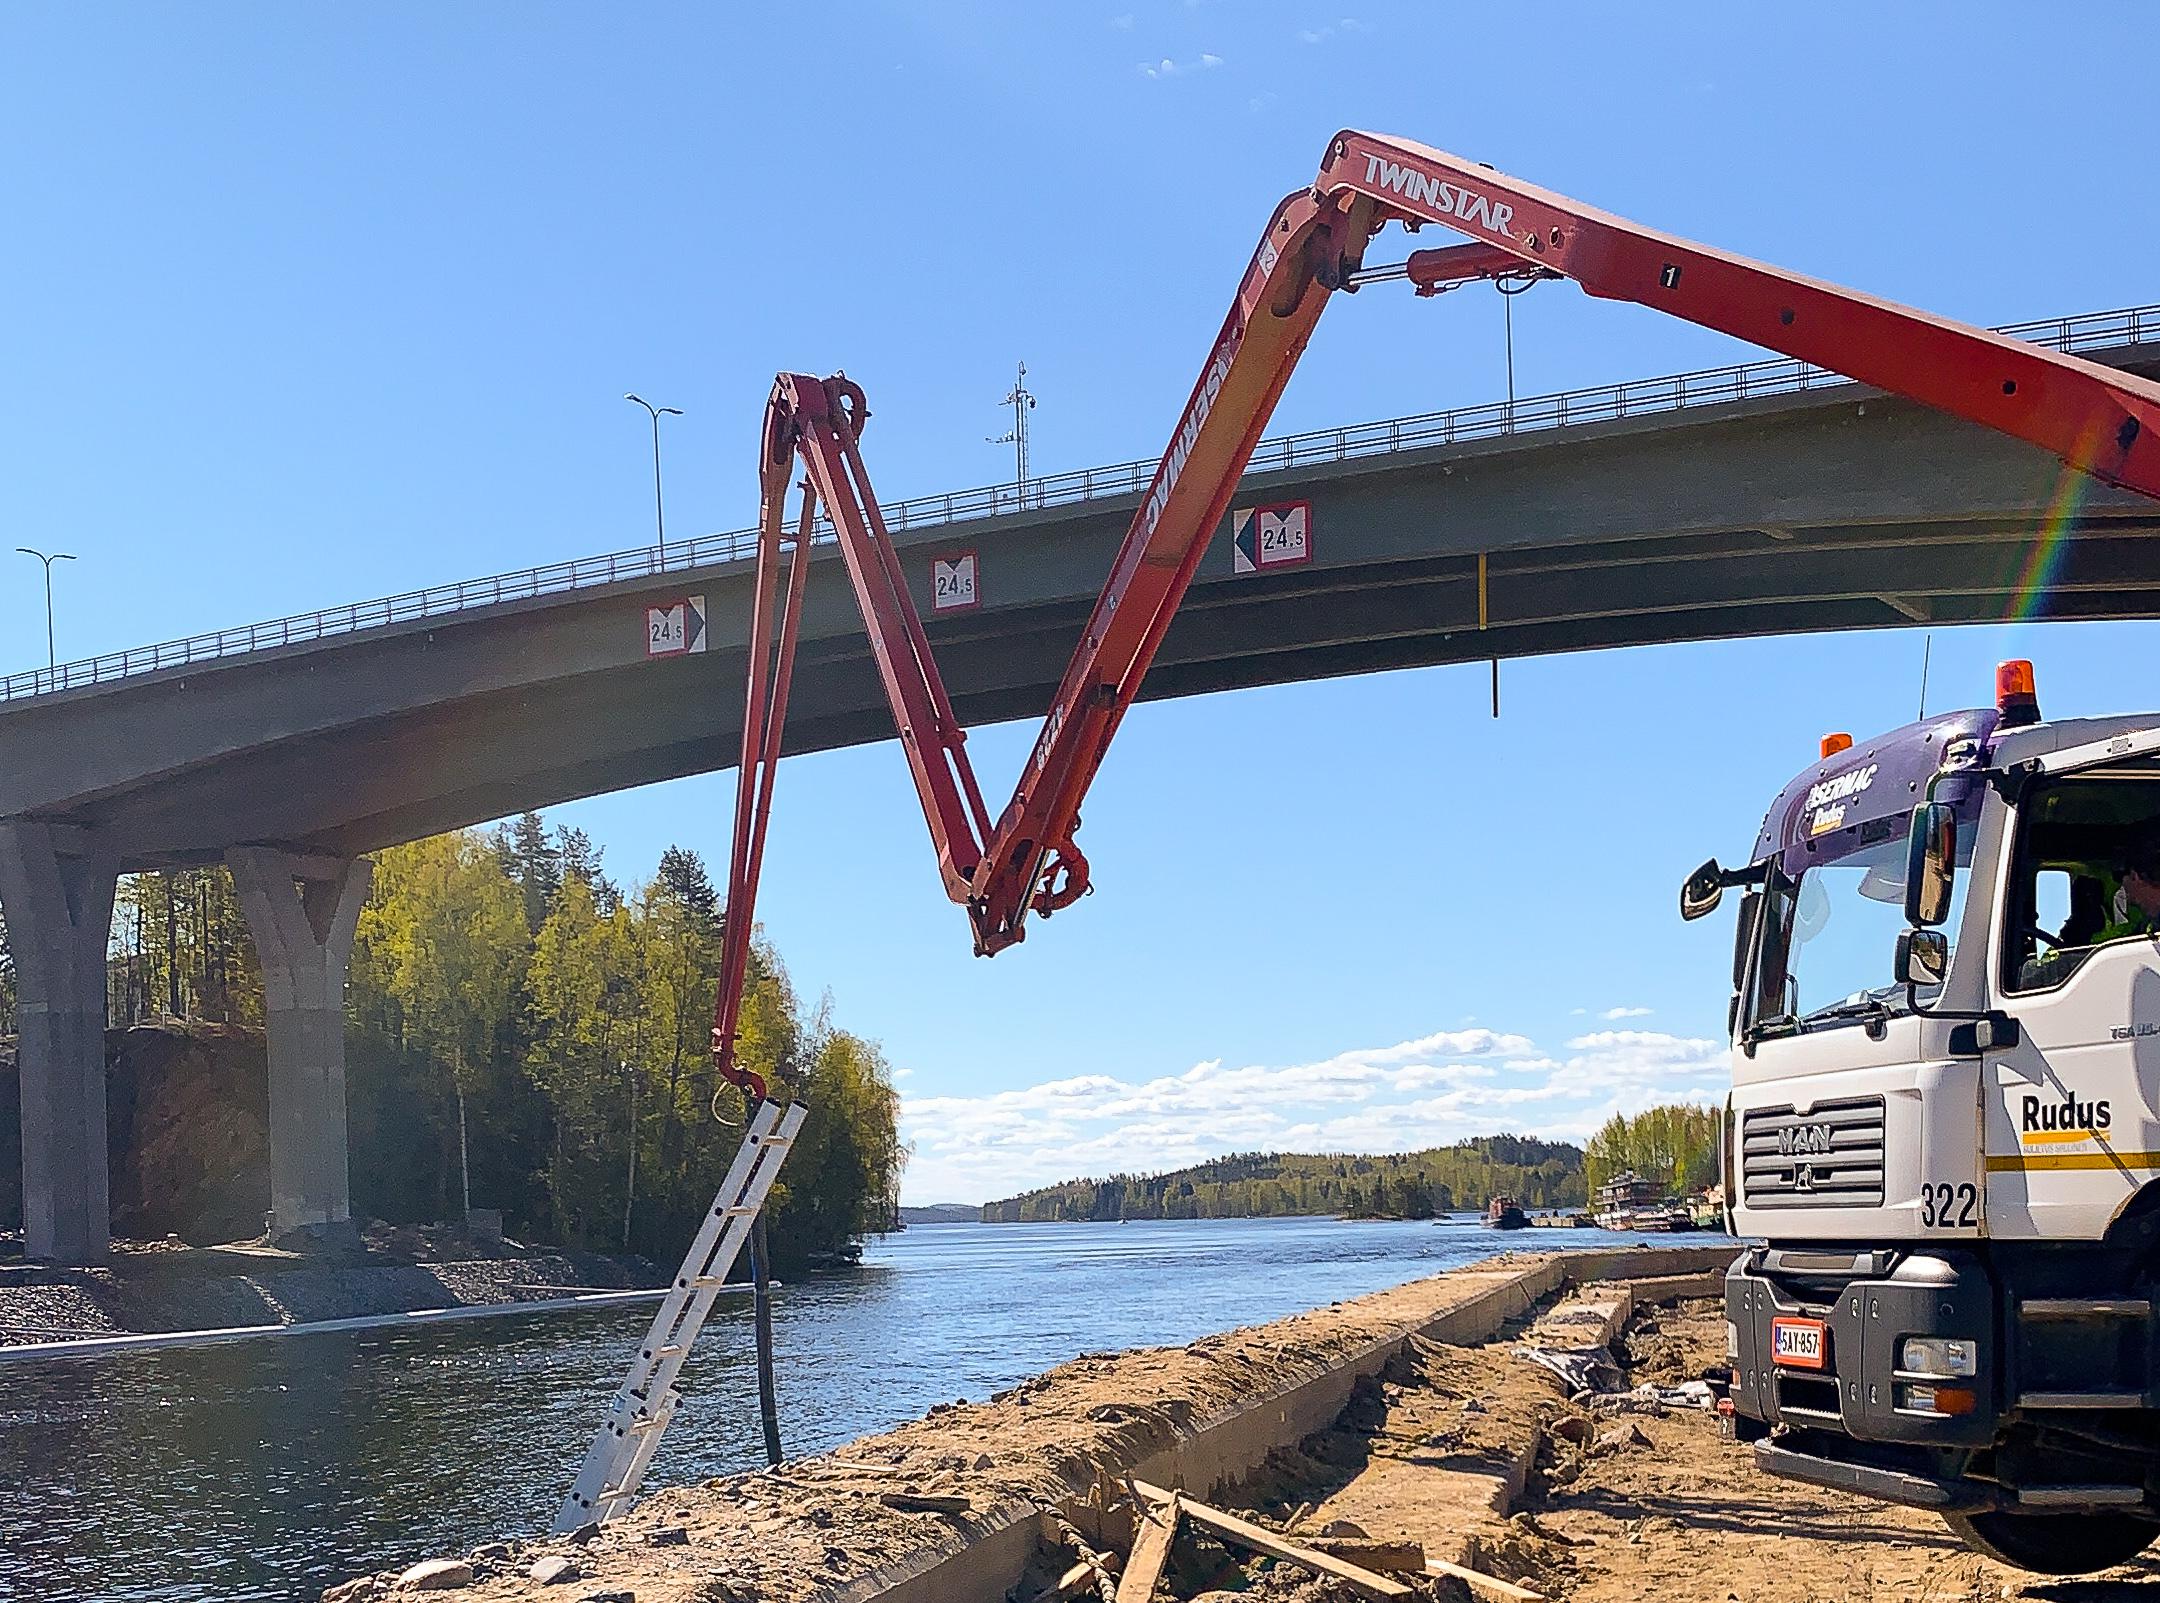 vedenalainen betonointi on vesirakennustyötä